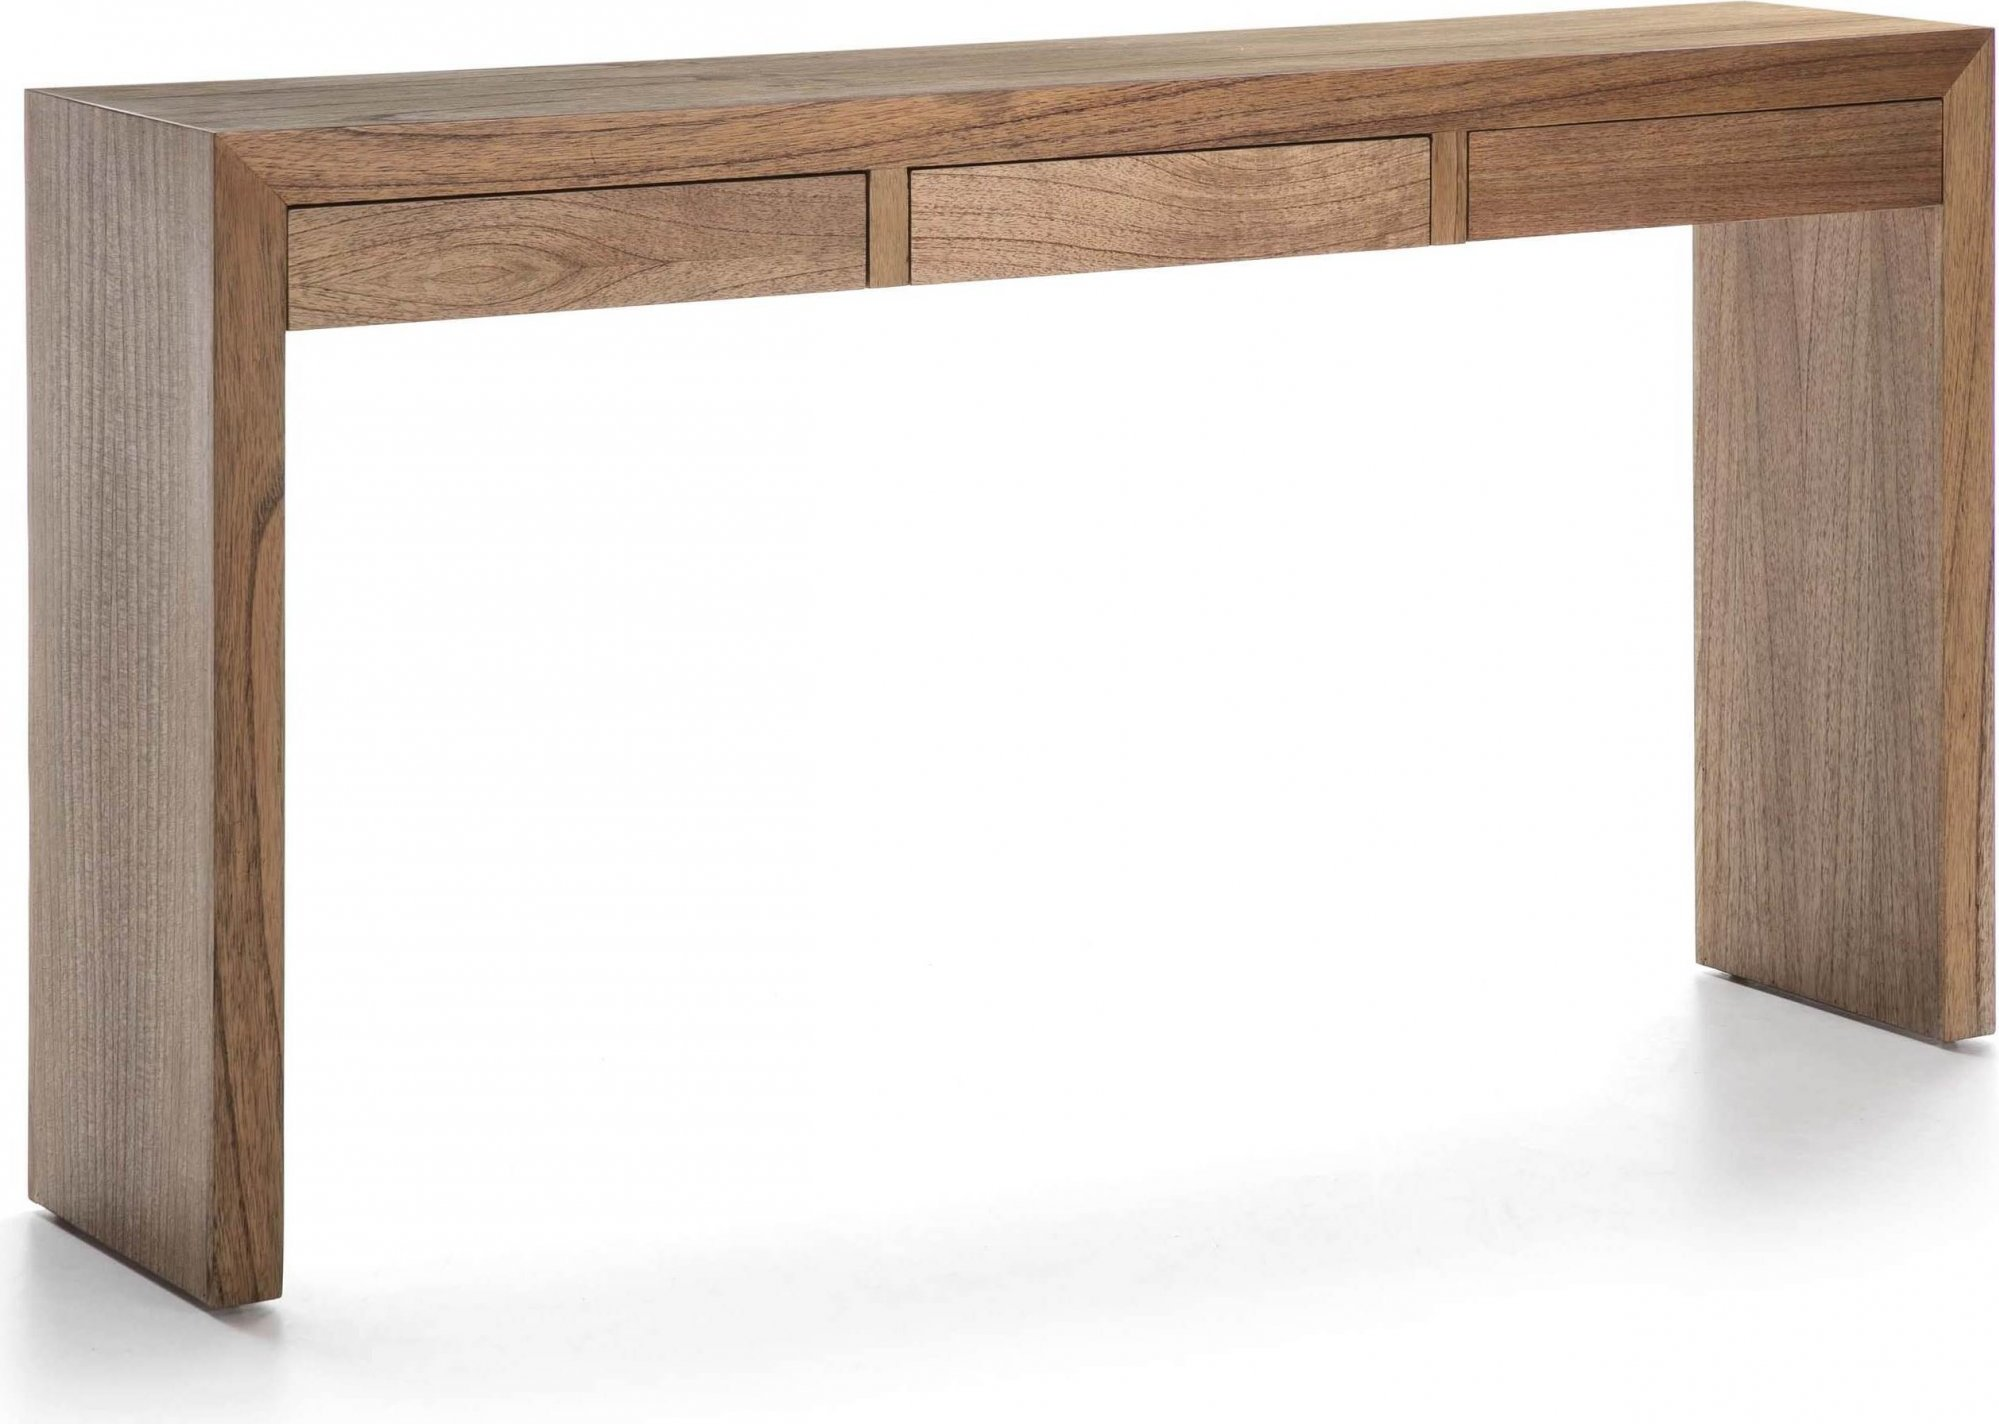 Console en bois 3 tiroirs couleur bois clair l140cm